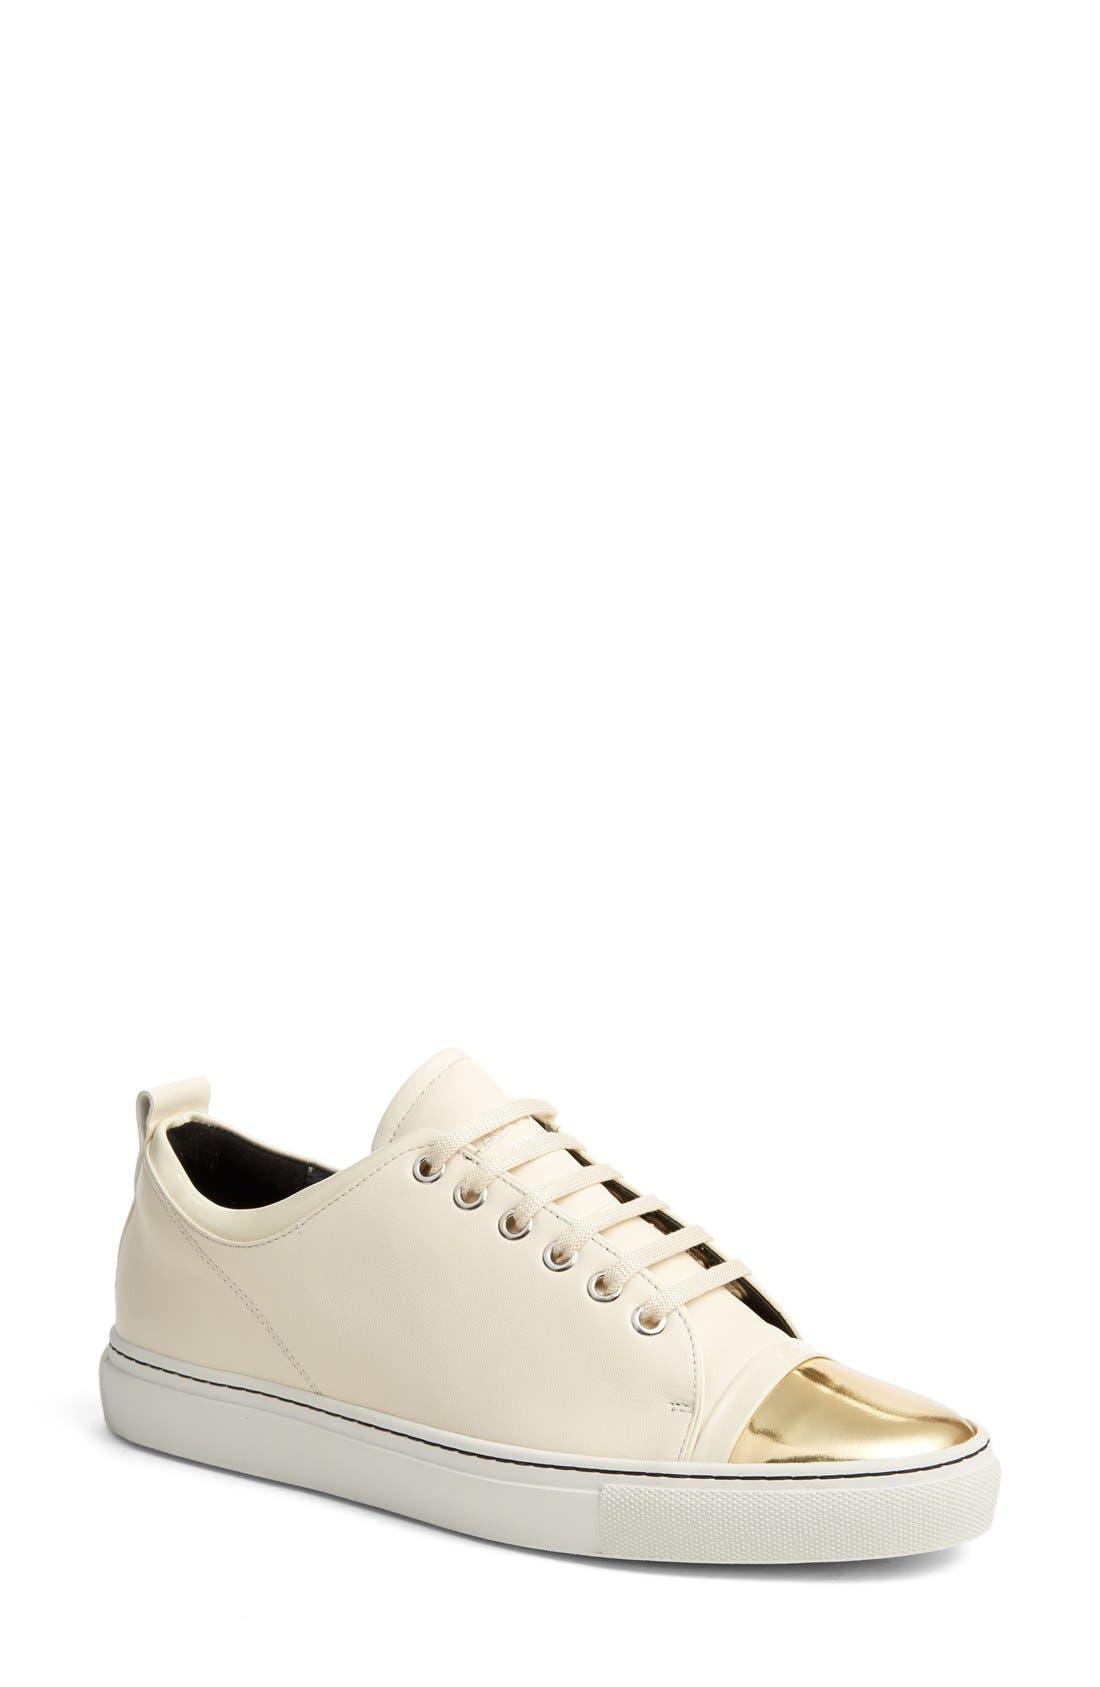 Alternate Image 1 Selected - Lanvin Cap Toe Sneaker (Women)